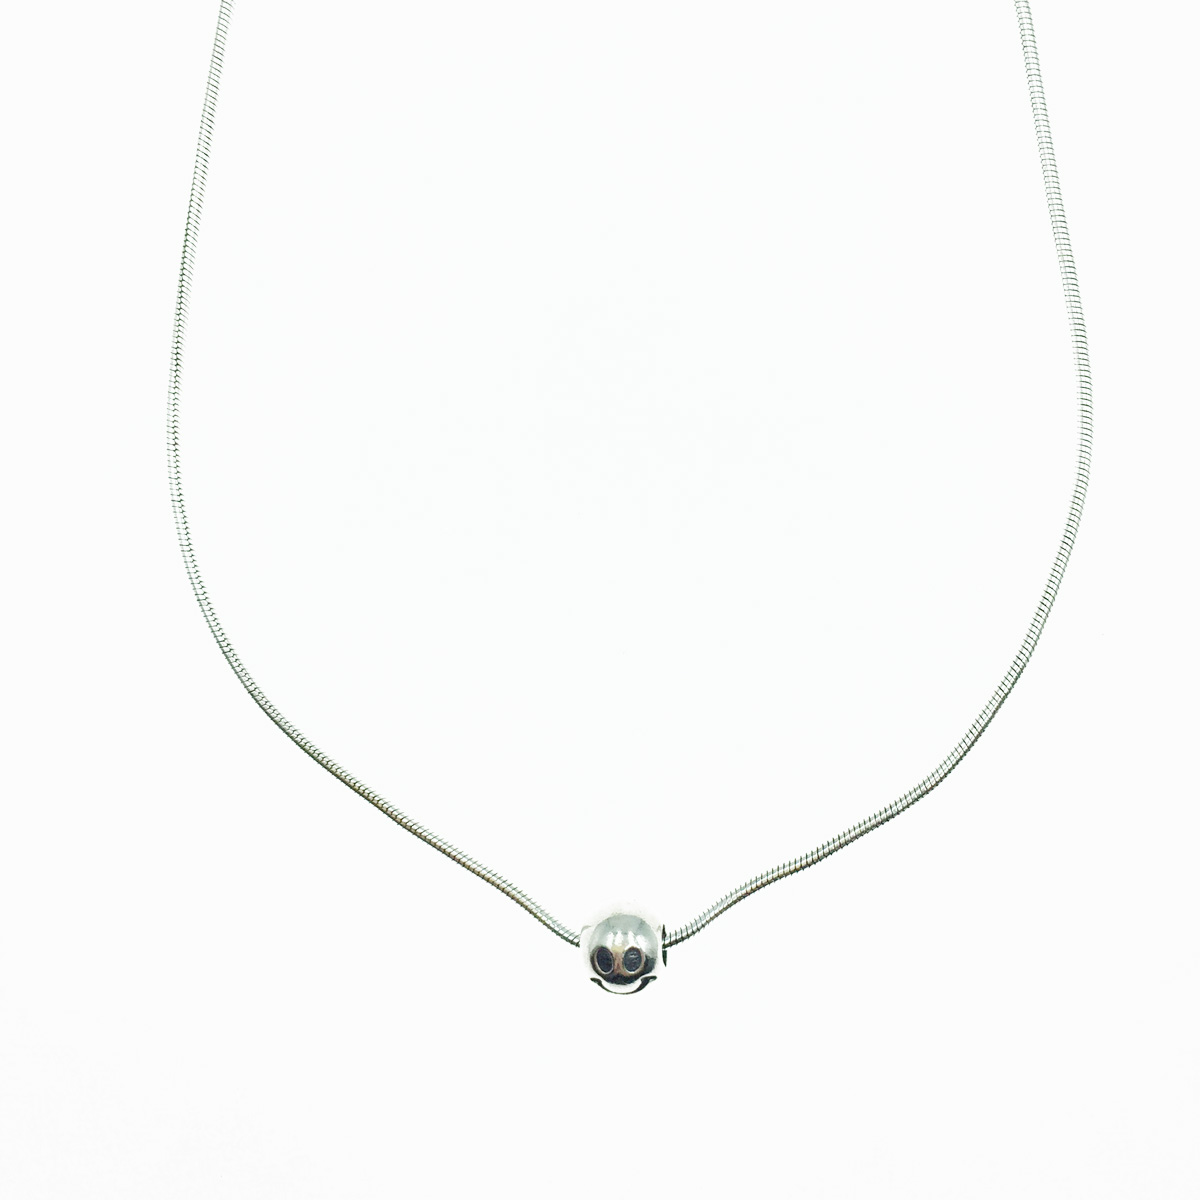 韓國 925純銀 笑臉 金屬歐美風 可愛 項鍊